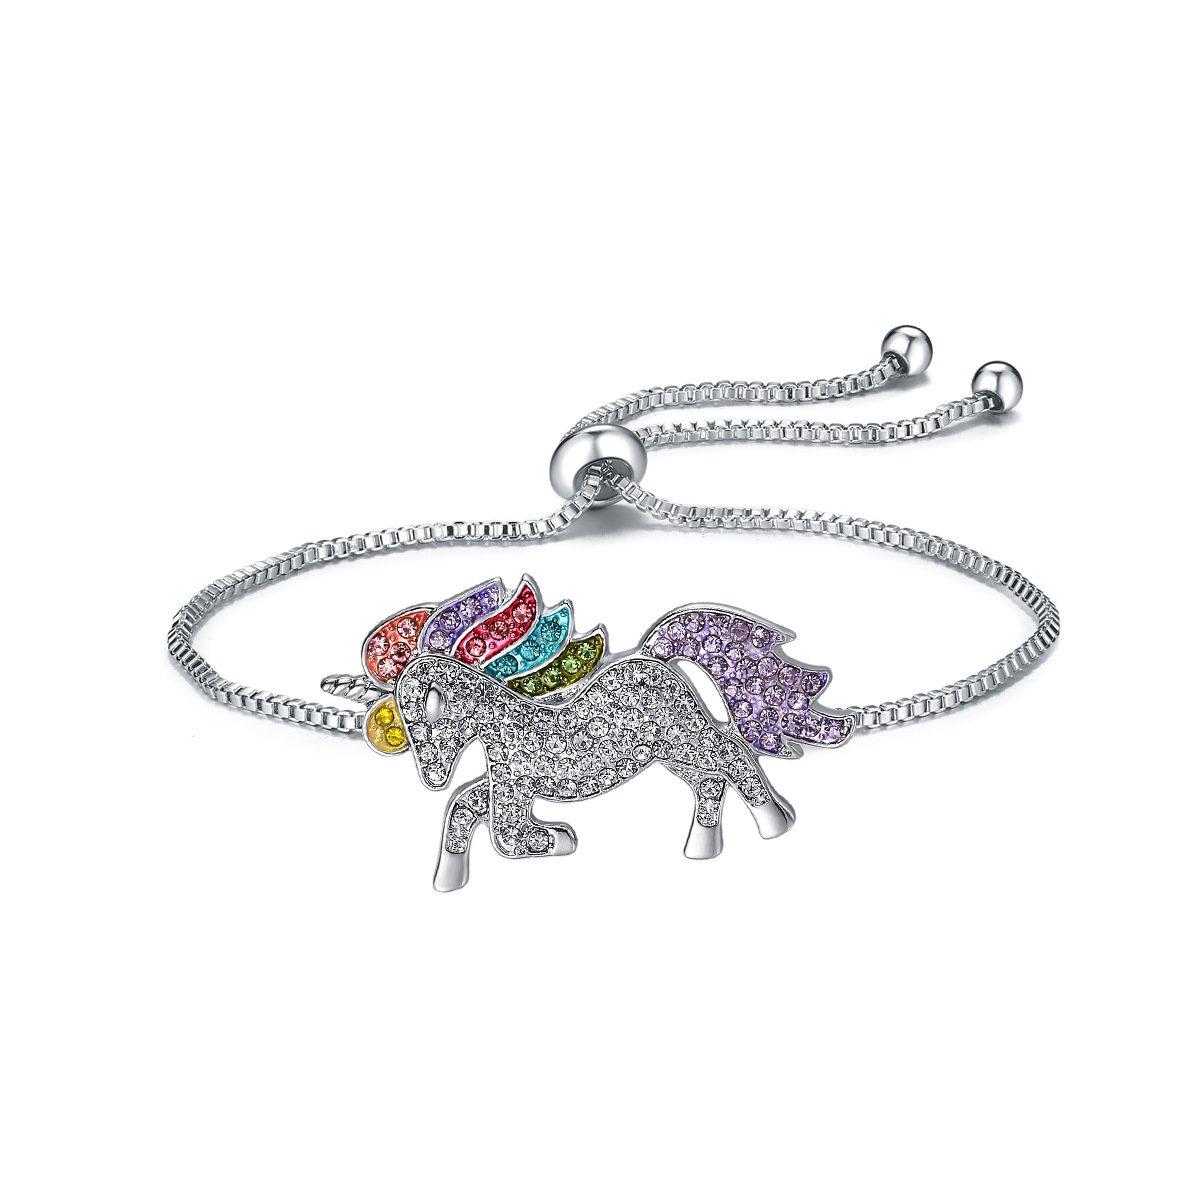 YIYIPRINCESS Unicorn Necklace Magical Unicorn Jewelry Rainbow Unicorn Pendant Necklace for Girls